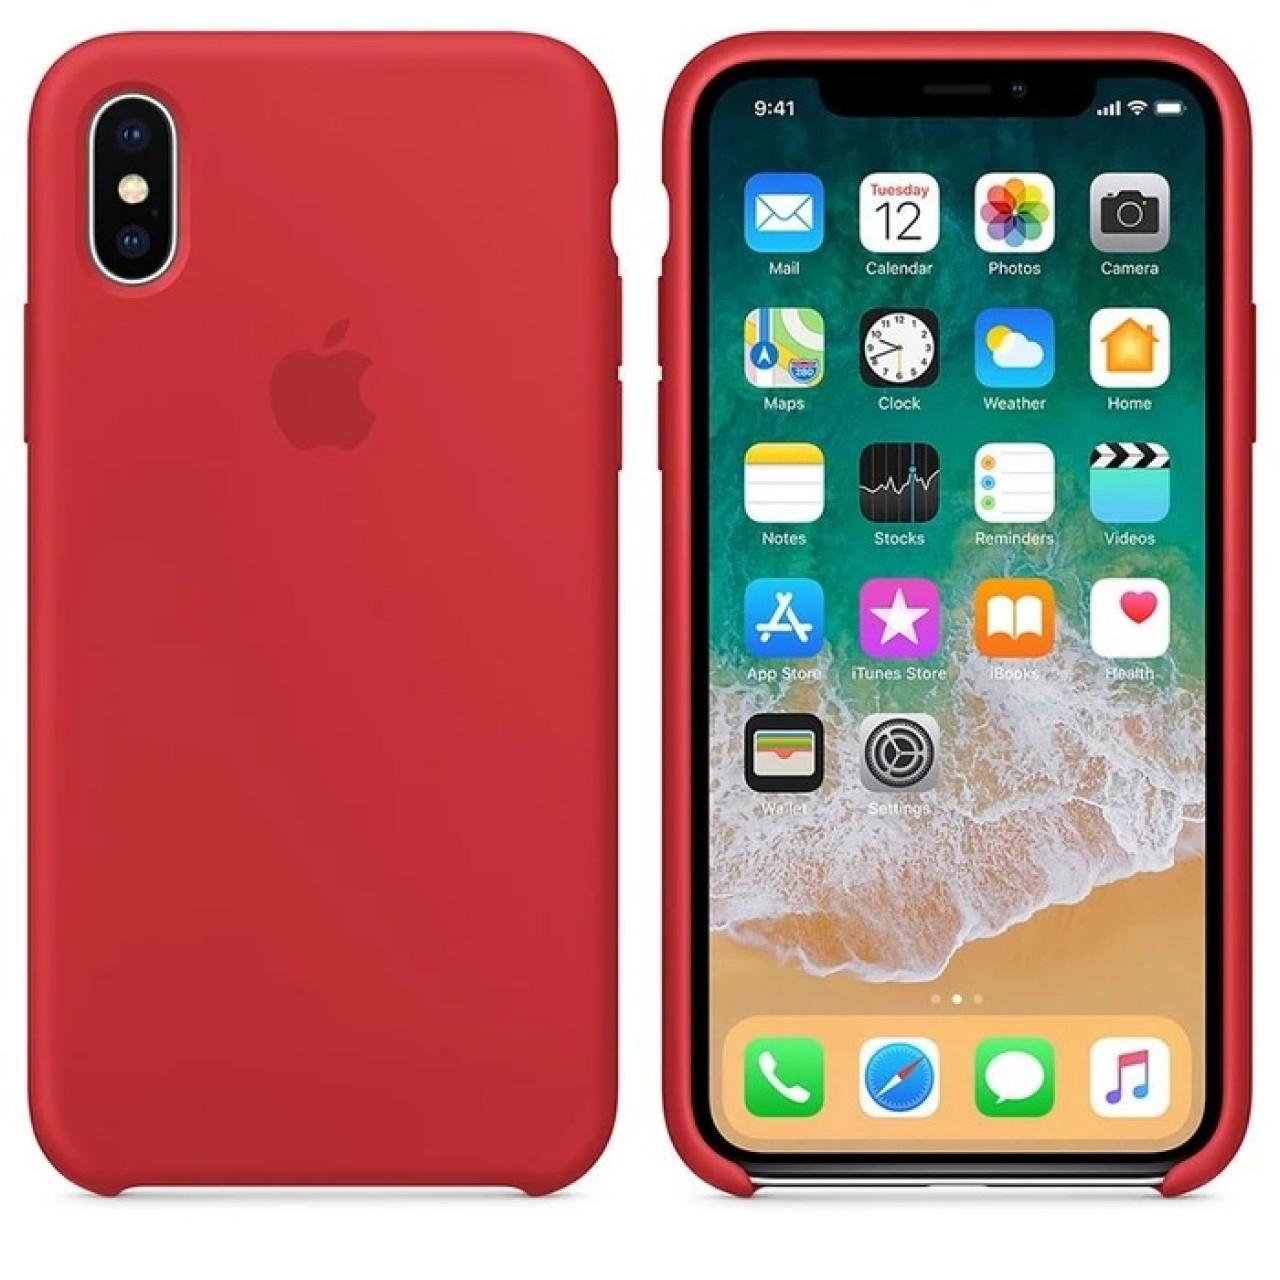 ΘΗΚΗ ΠΡΟΣΤΑΣΙΑΣ ΣΙΛΙΚΟΝΗΣ ΓΙΑ iPhone X / XS ΚΟΚΚΙΝΗ - BACK COVER SILICON CASE RED- OEM